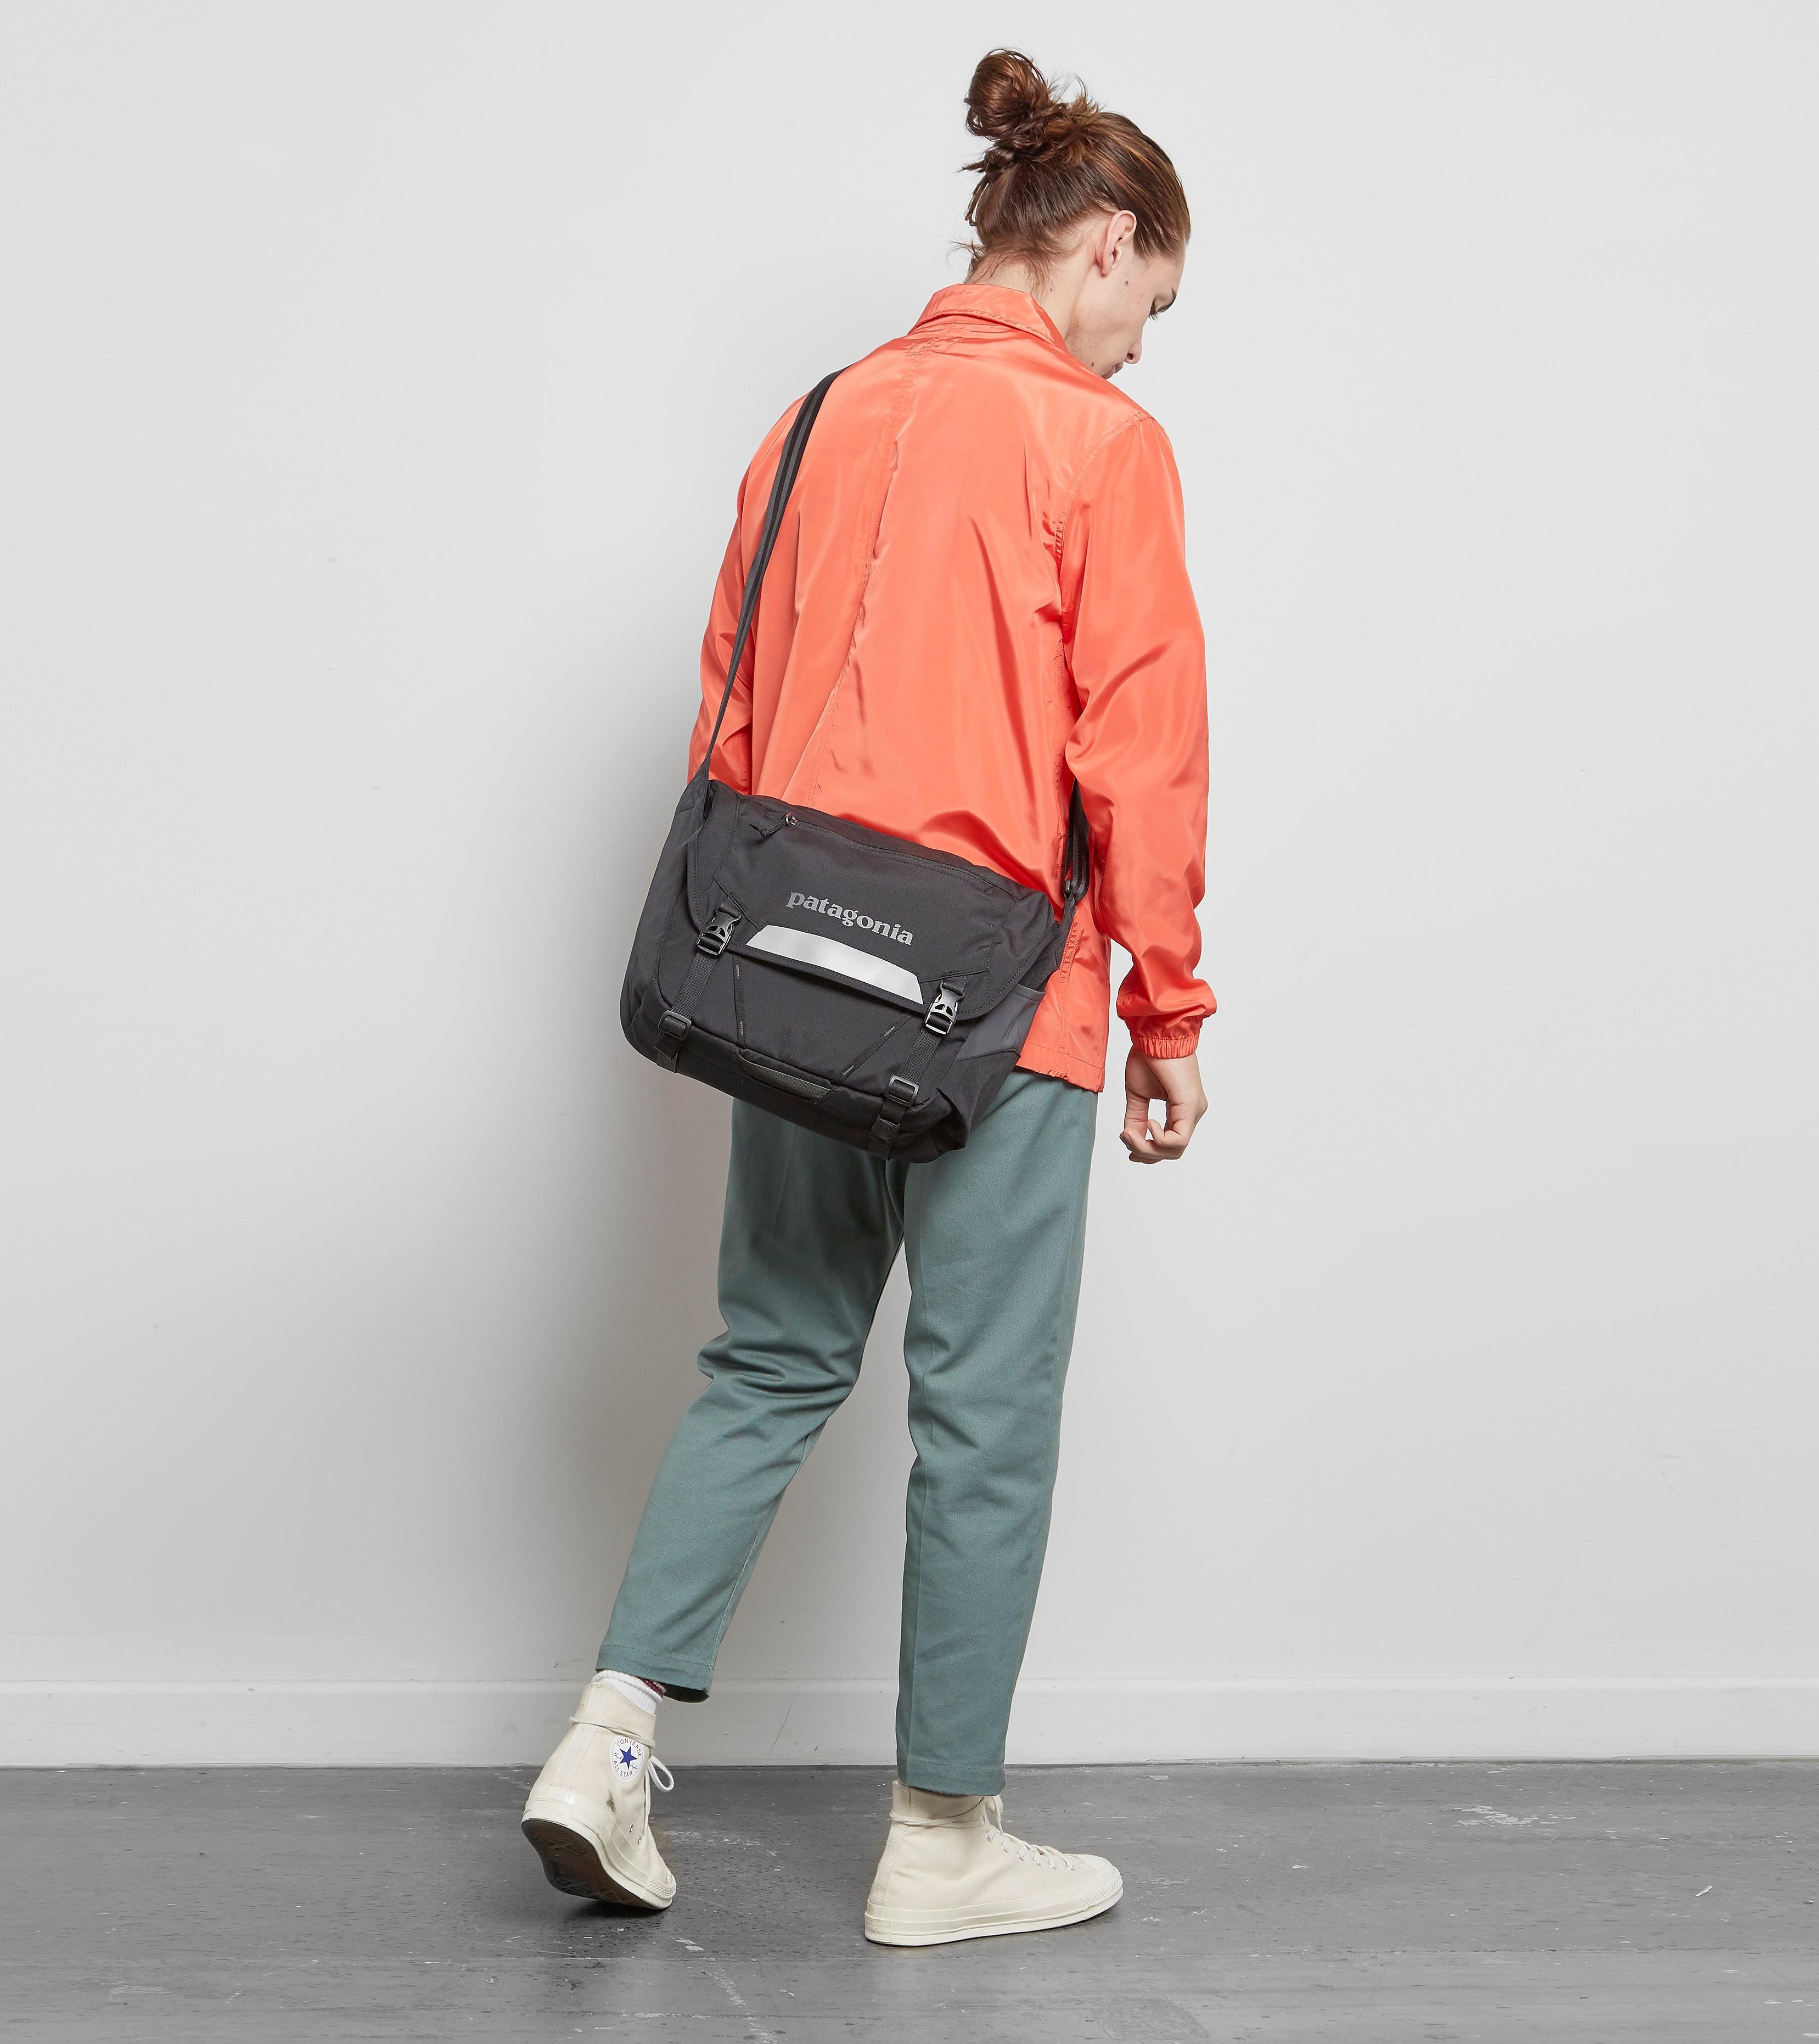 Patagonia Mini Messenger Bag